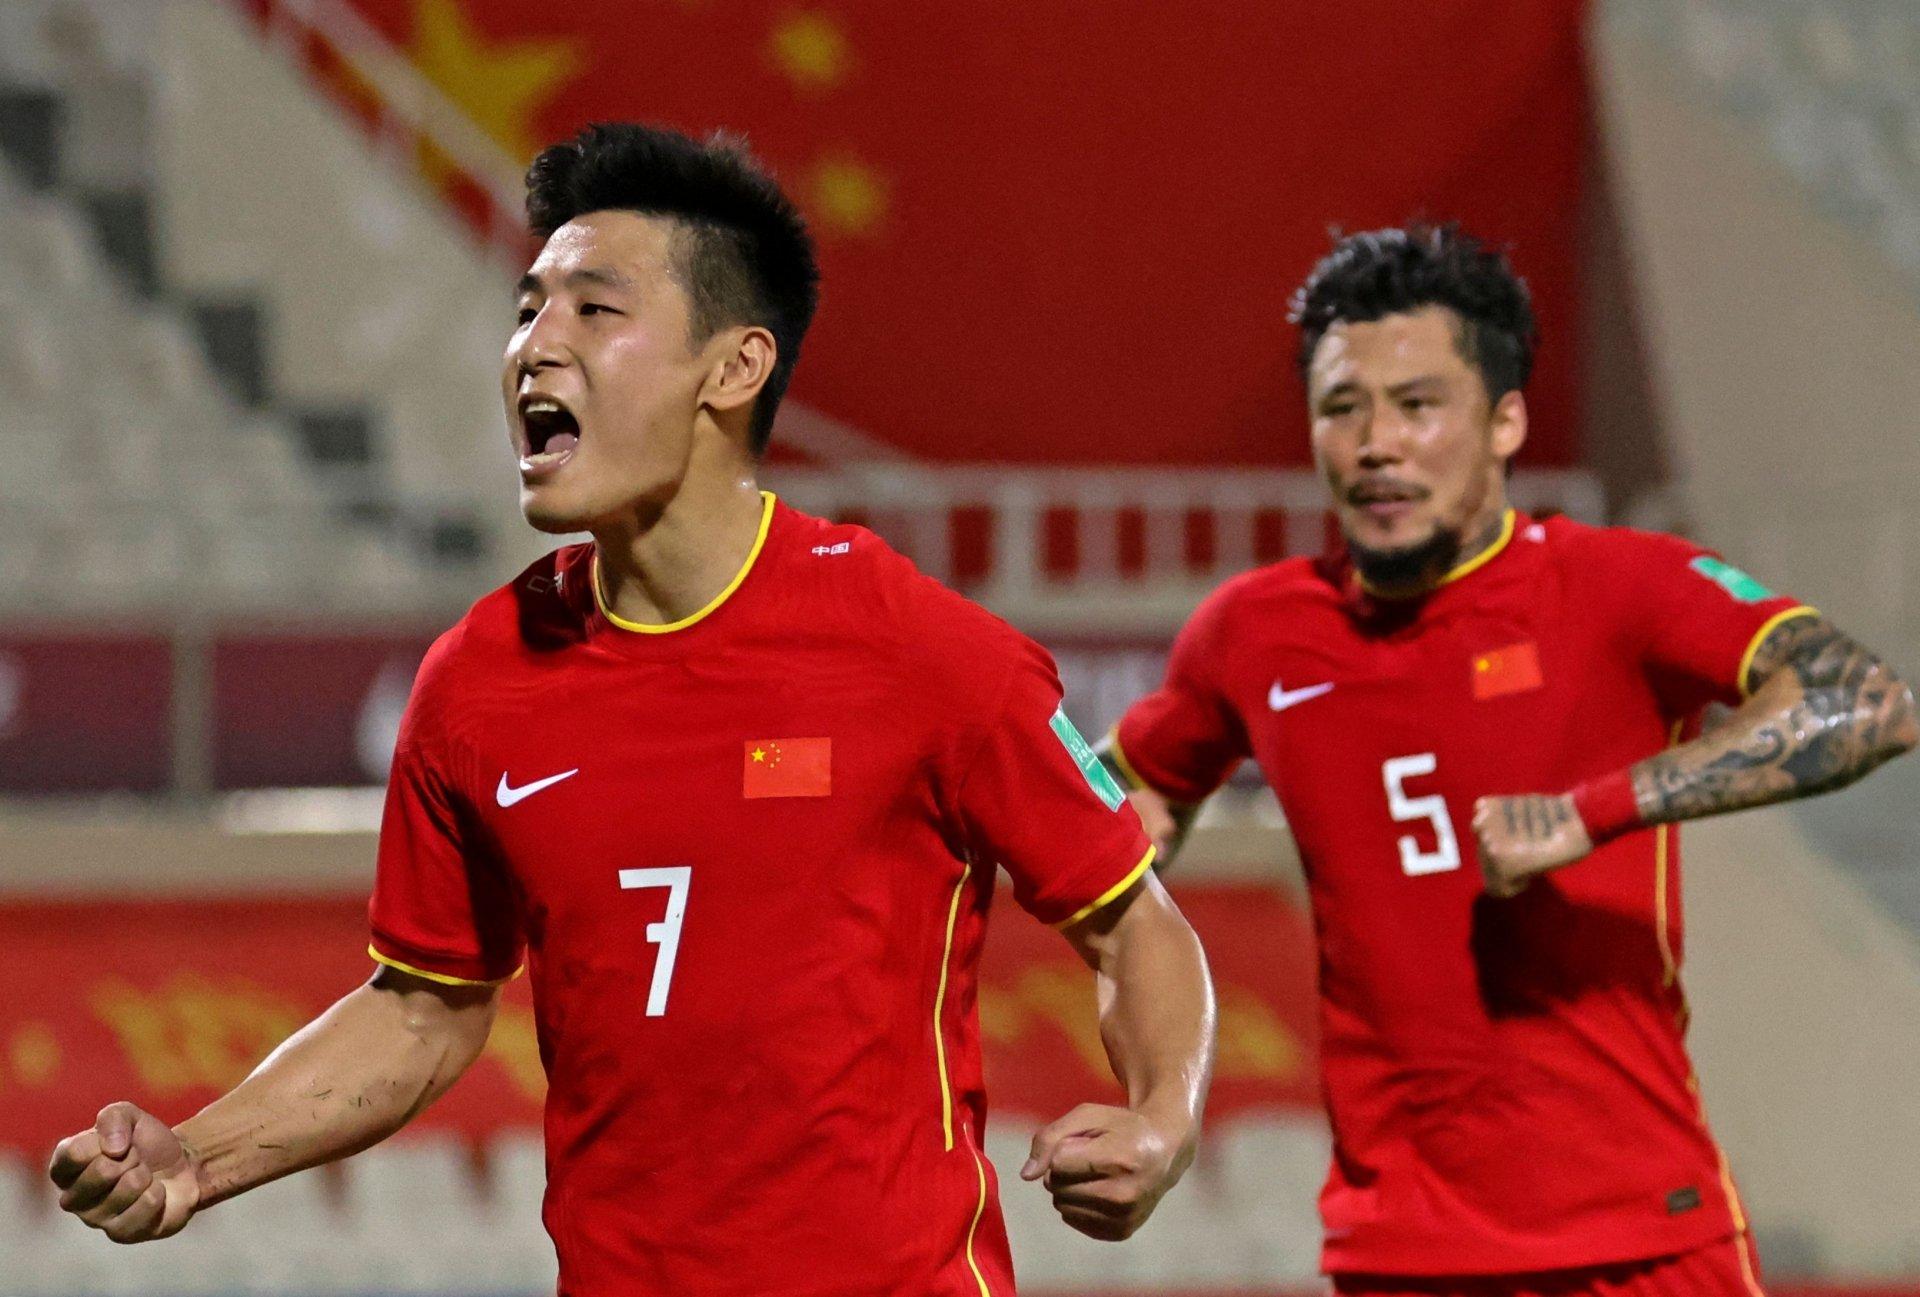 Trung Quốc tự hào vì dàn cầu thủ không biết hát Quốc ca, đội tuyển Việt Nam sẽ biết thế nào là 'lễ độ' 2